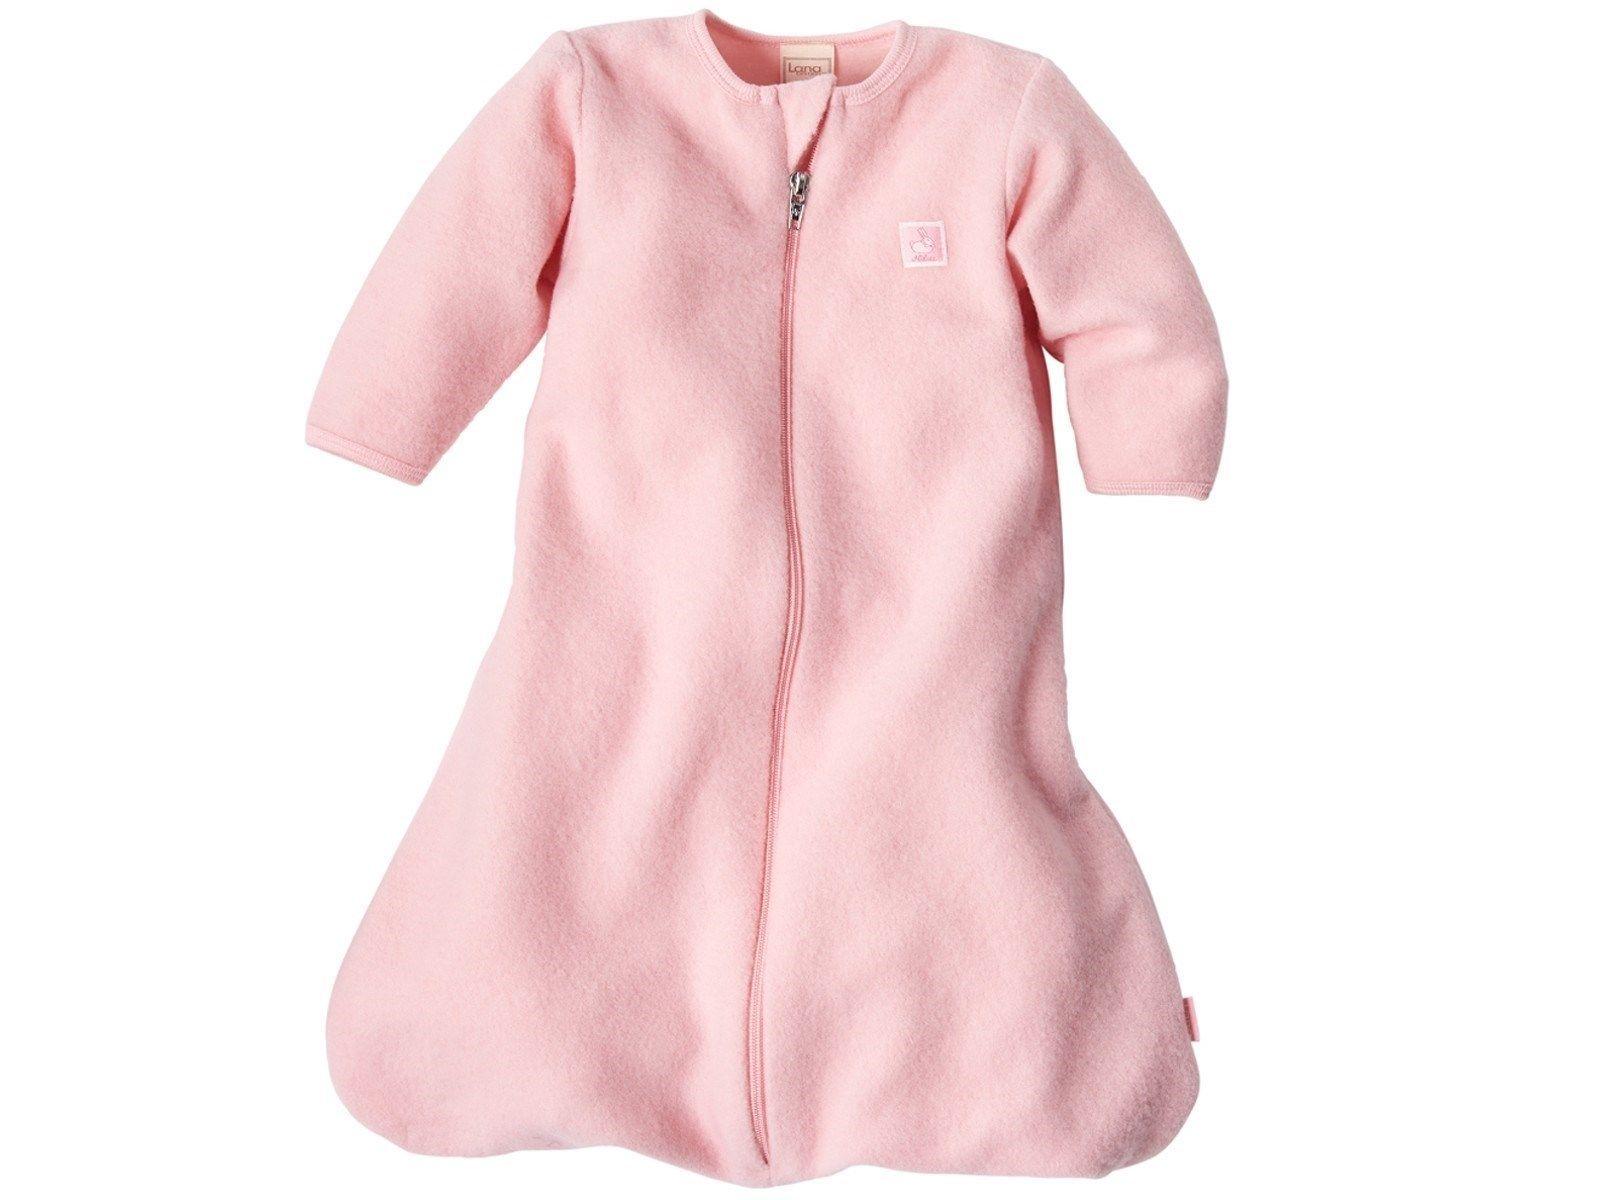 a904e052e3 In diesem kuscheligen Baby Schlafsack, der sich bestens für das ganze Jahr  eignet, wird